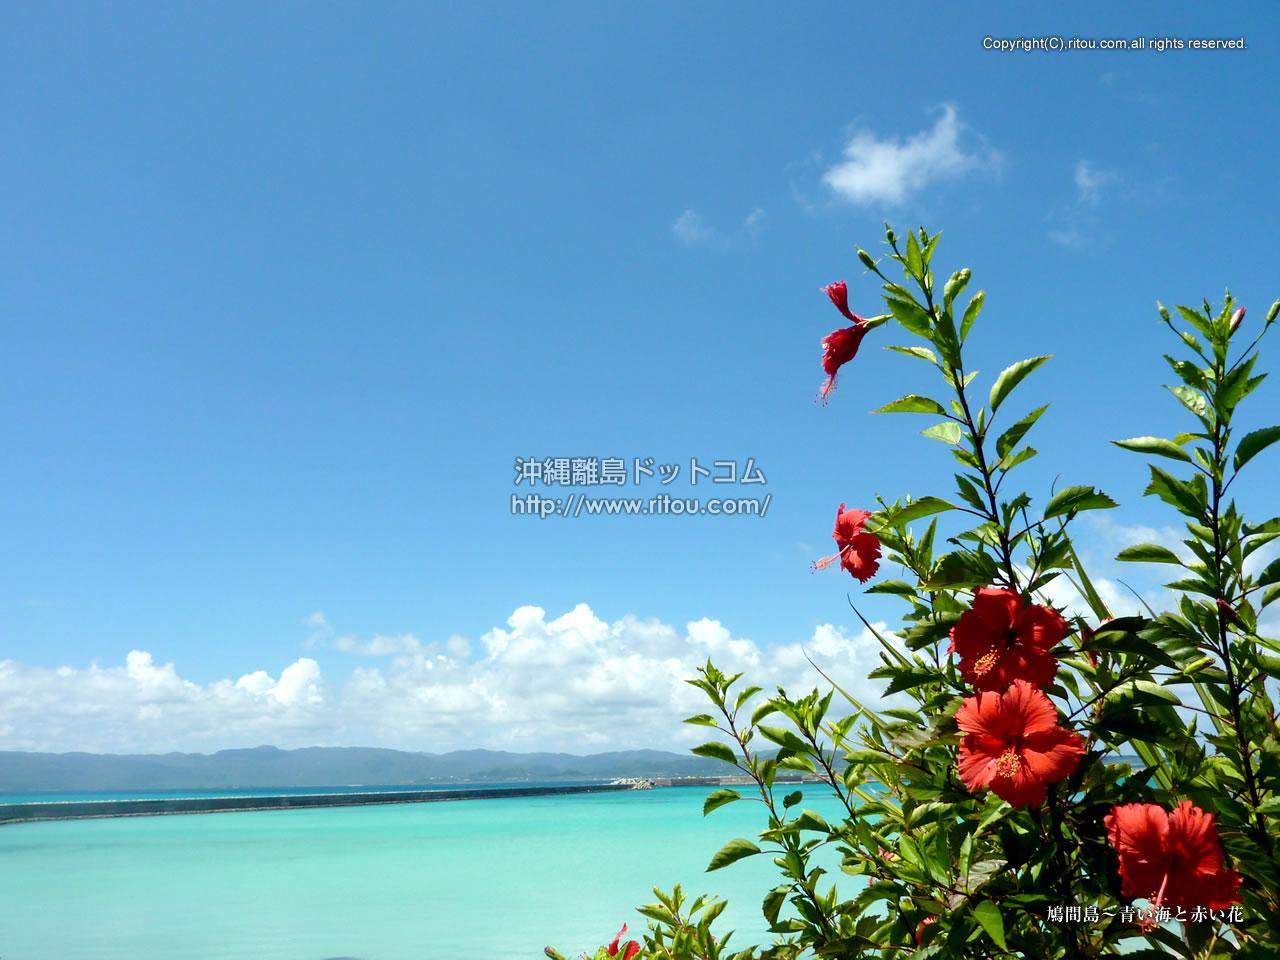 鳩間島 青い海と赤い花 沖縄離島の壁紙